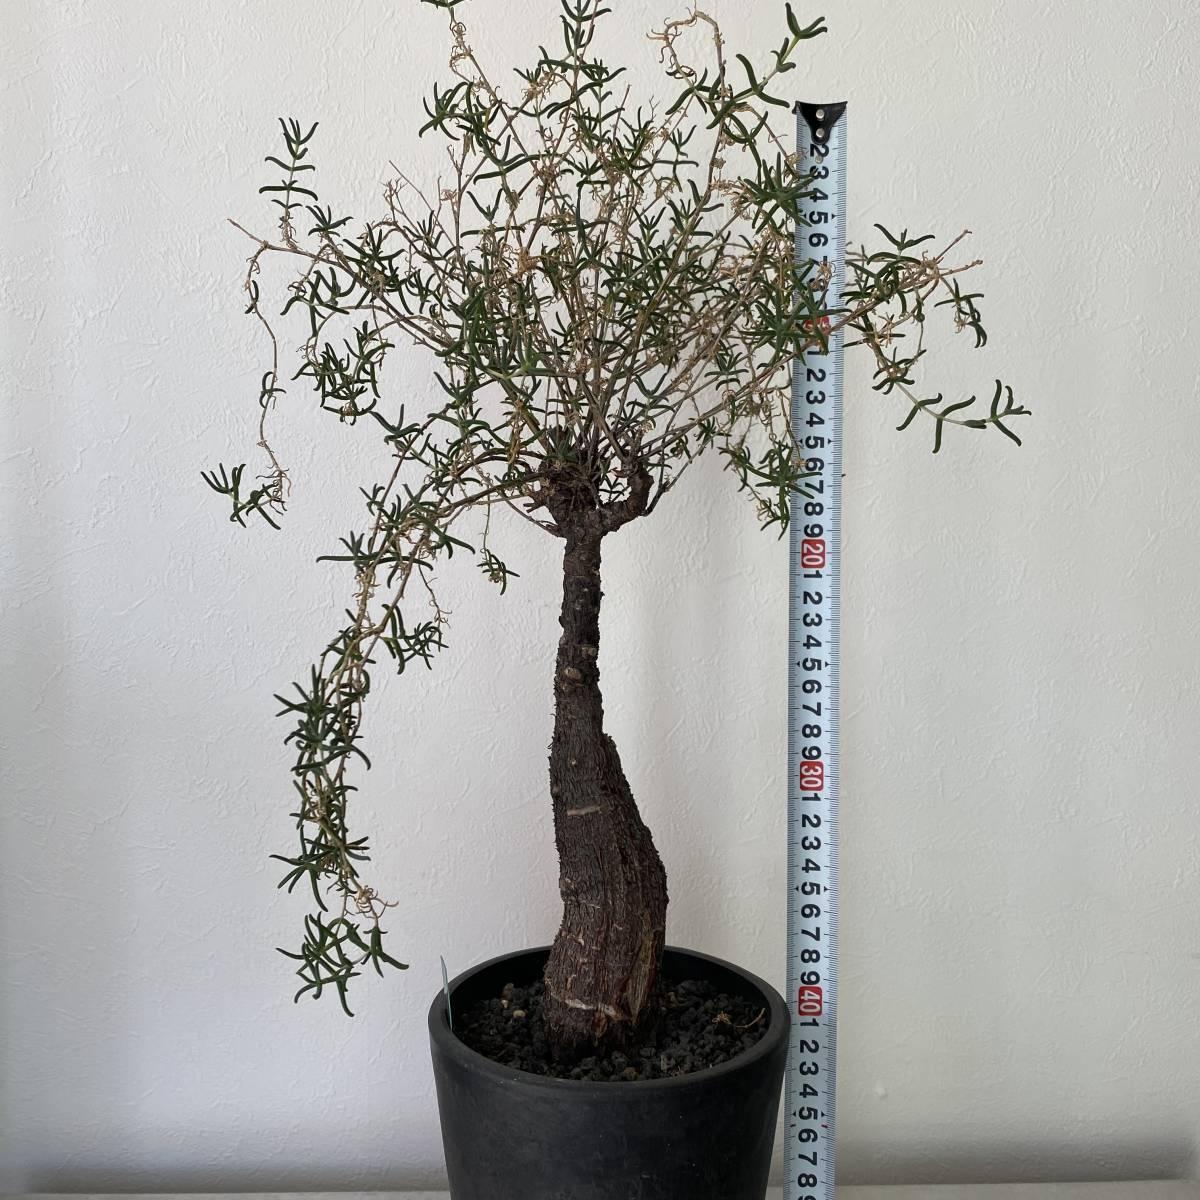 大株 2021.03.16撮影 幹幅5cm Mestoklema tuberosum メストクレマ ツベローサム 植物所有して4年以上_画像3